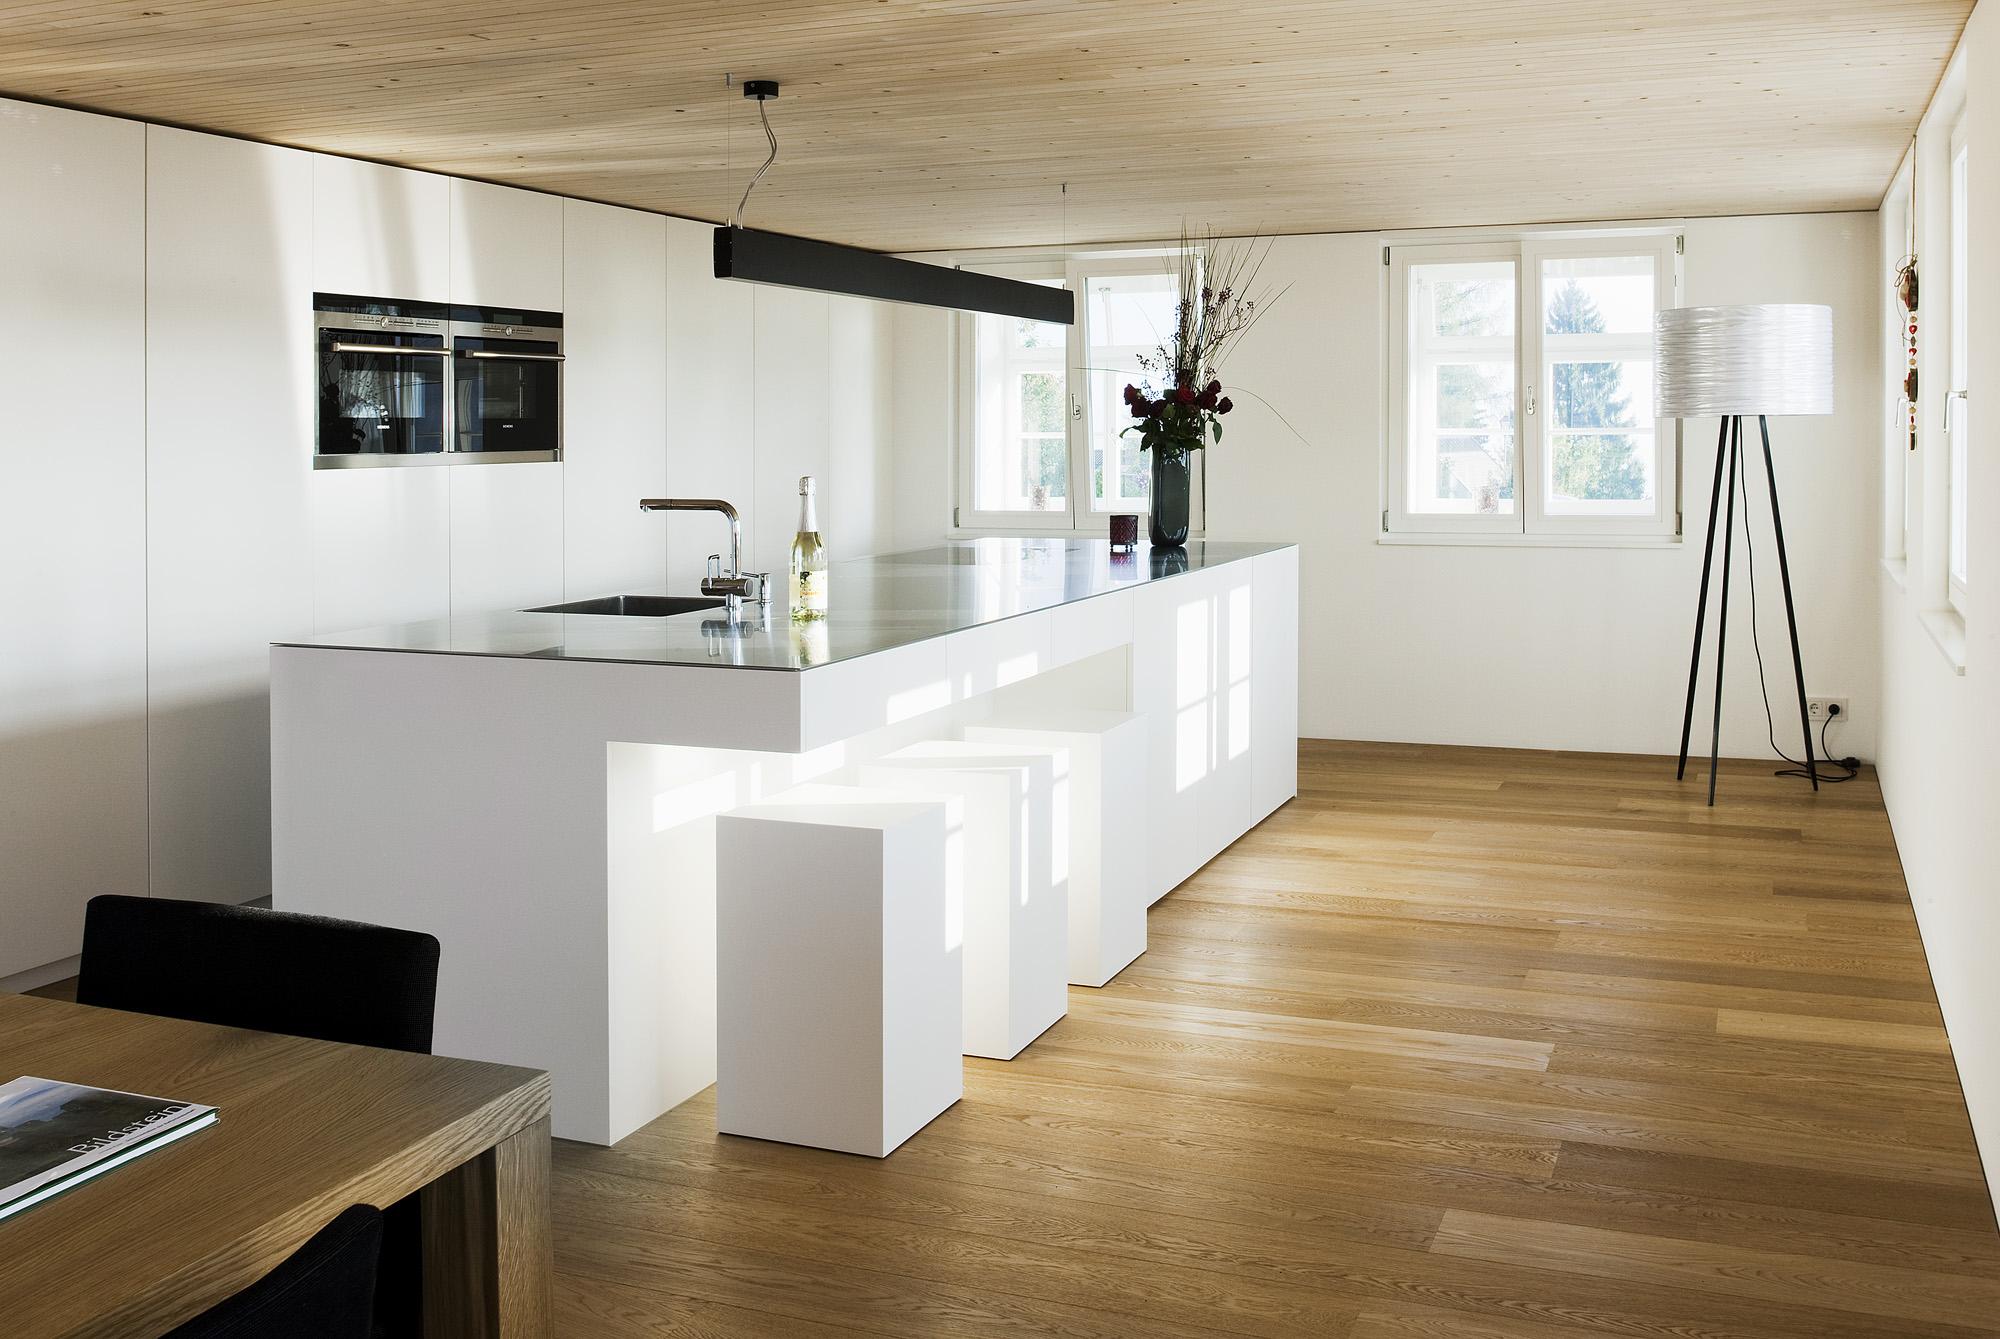 Funvit.com | Wohnzimmer Grau Weiss Wandgestaltung | {Kücheninsel mit sitzgelegenheit 24}